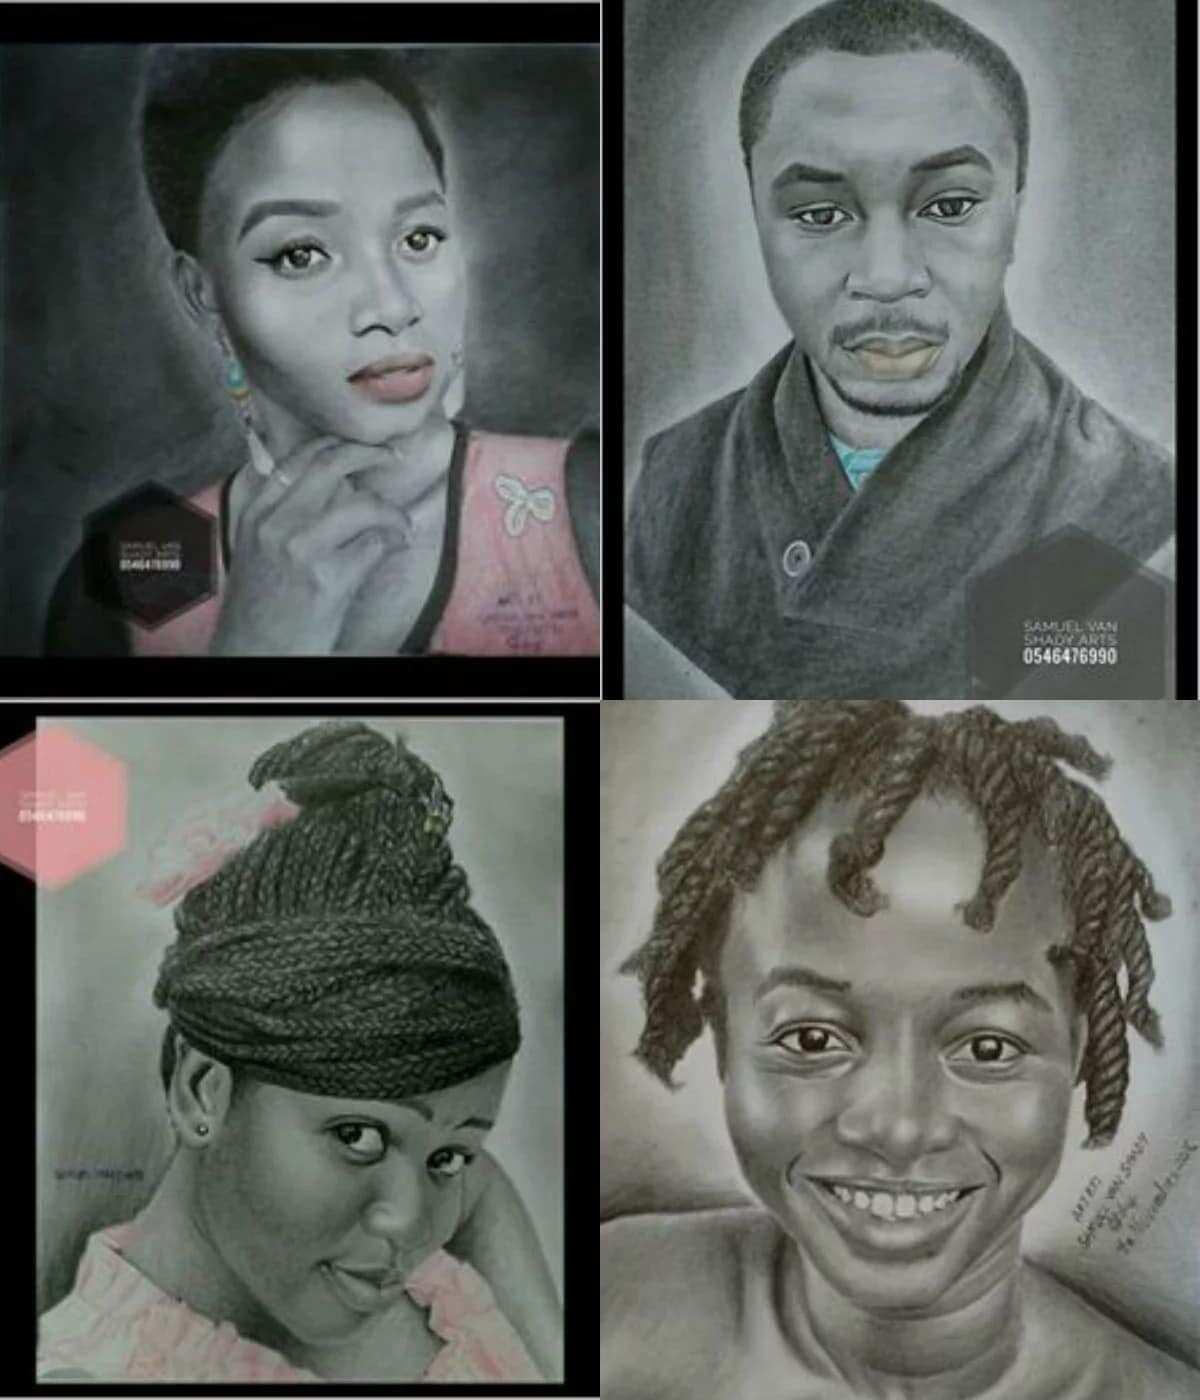 Samuel Ameleto is a talented artist